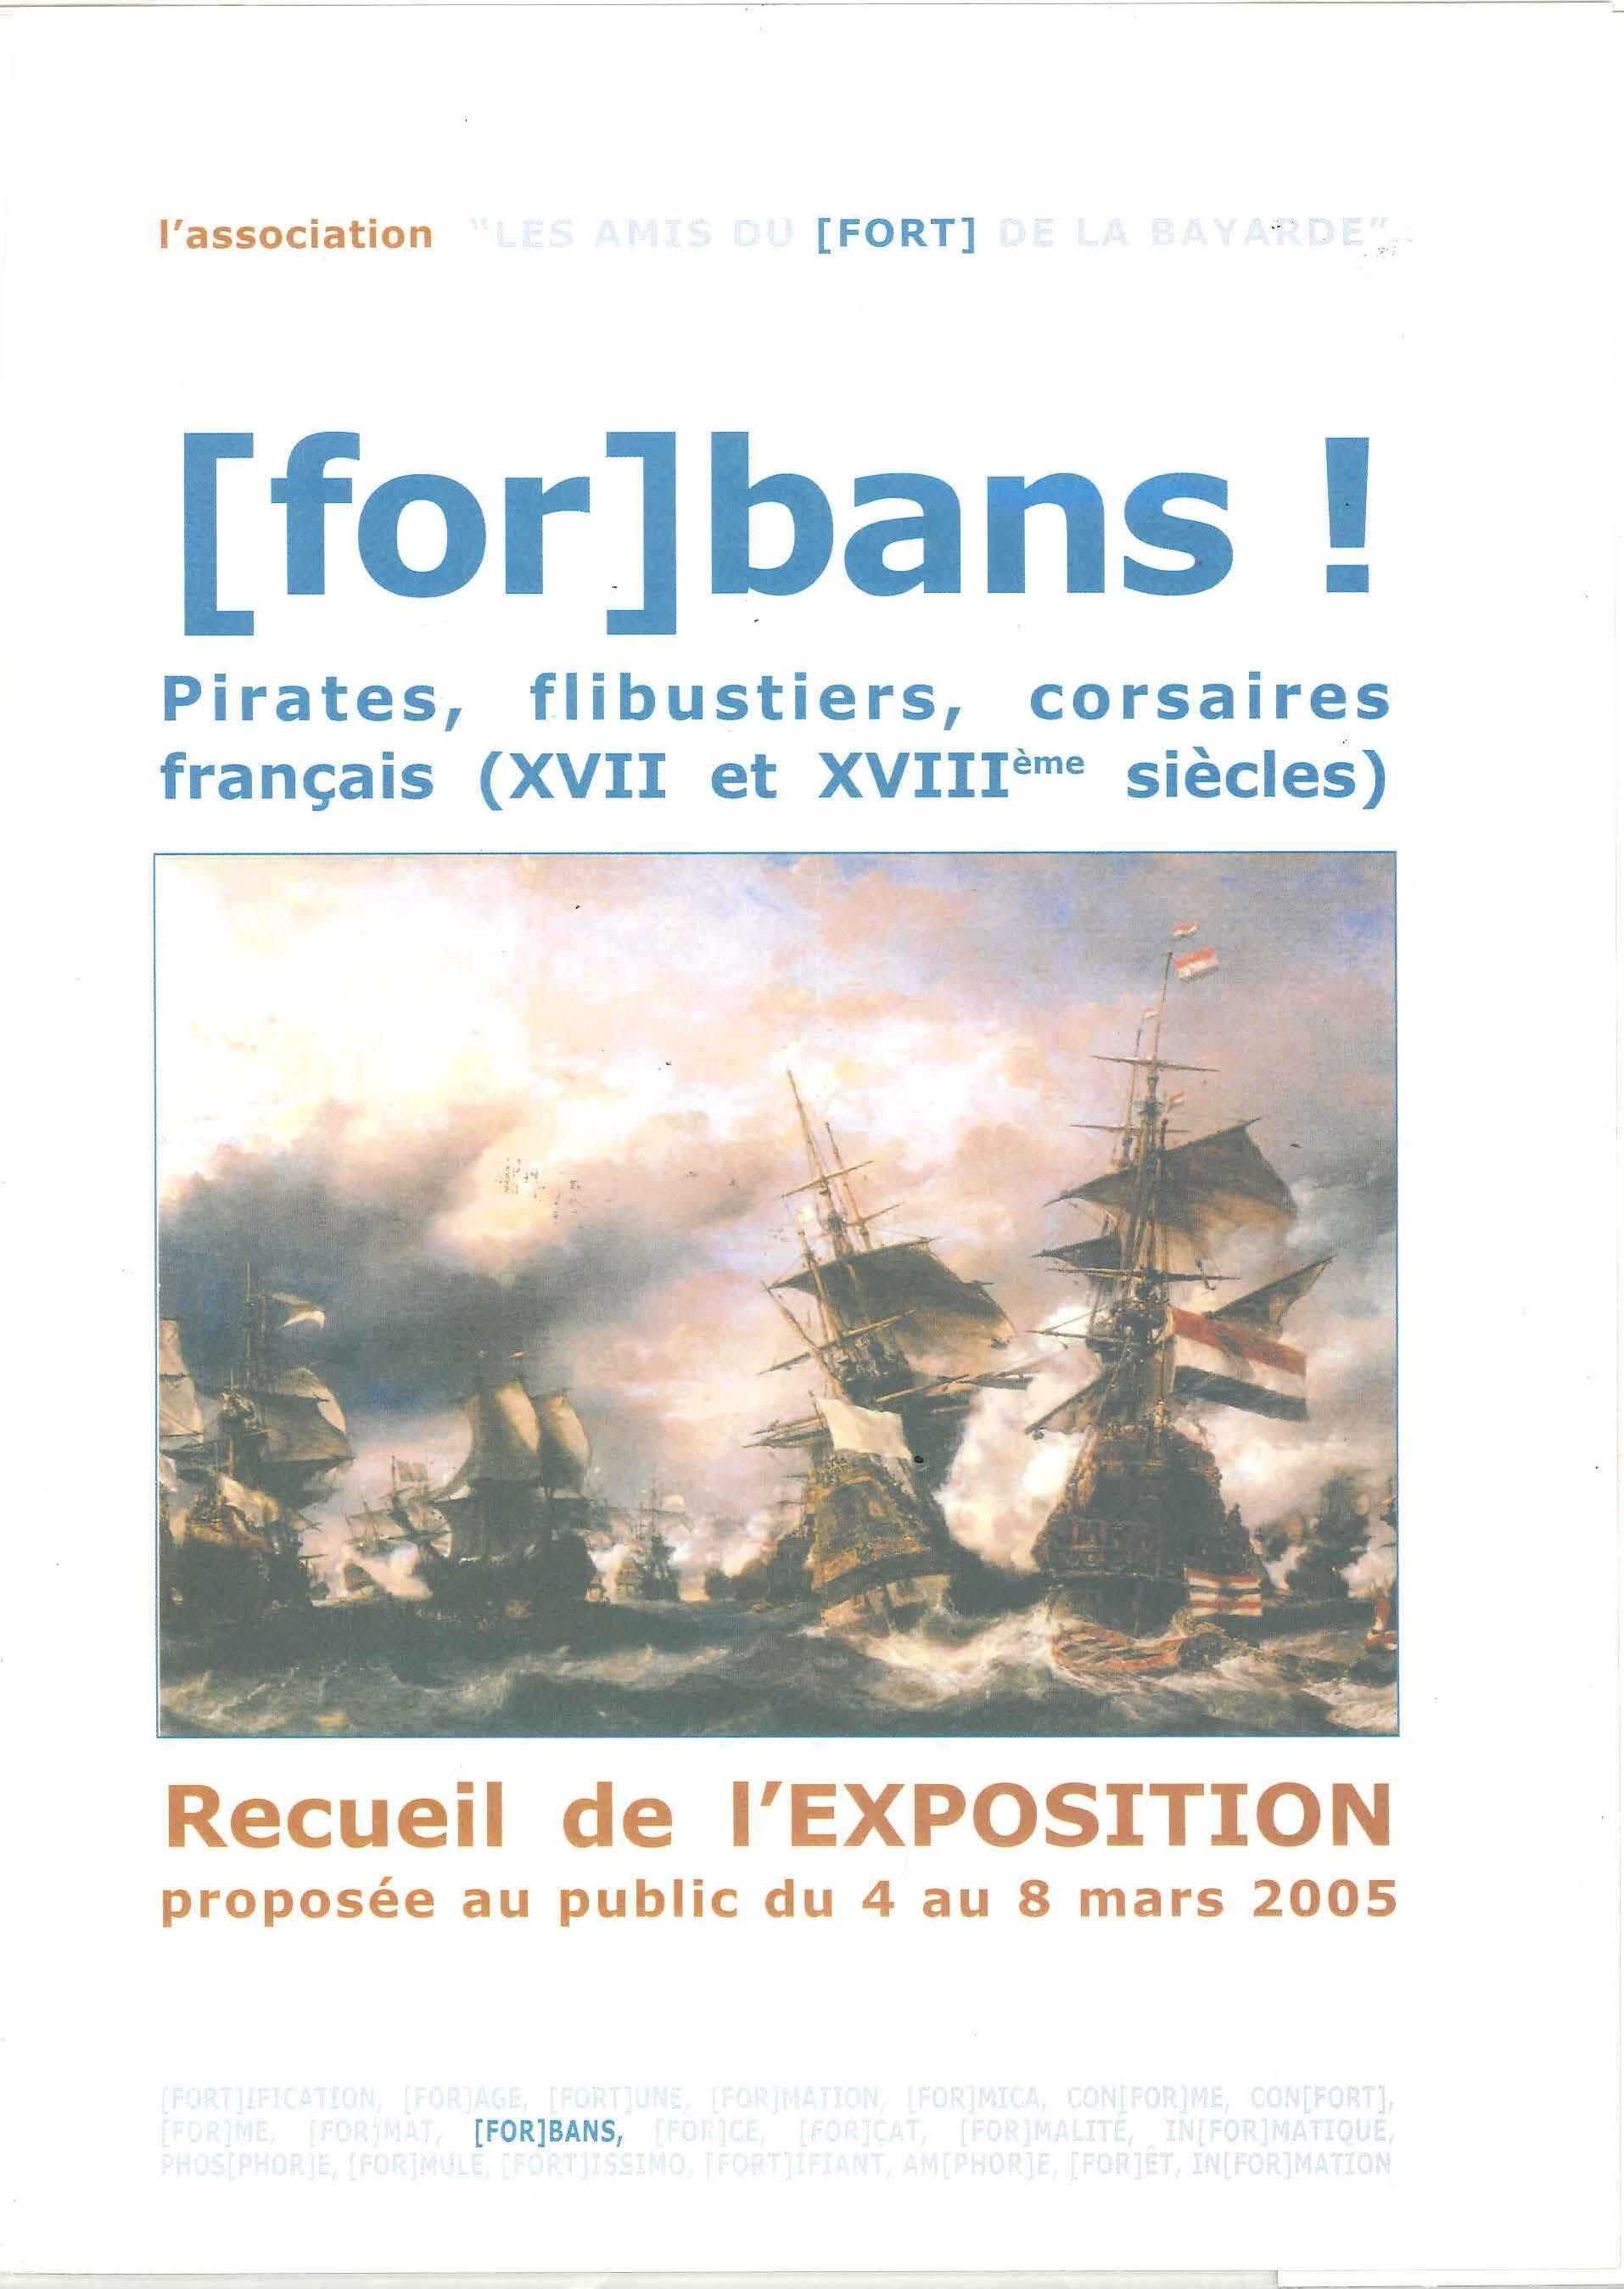 Forbans ! Pirates, flibustiers, corsaires français (XVII et XVIII ème siècles)